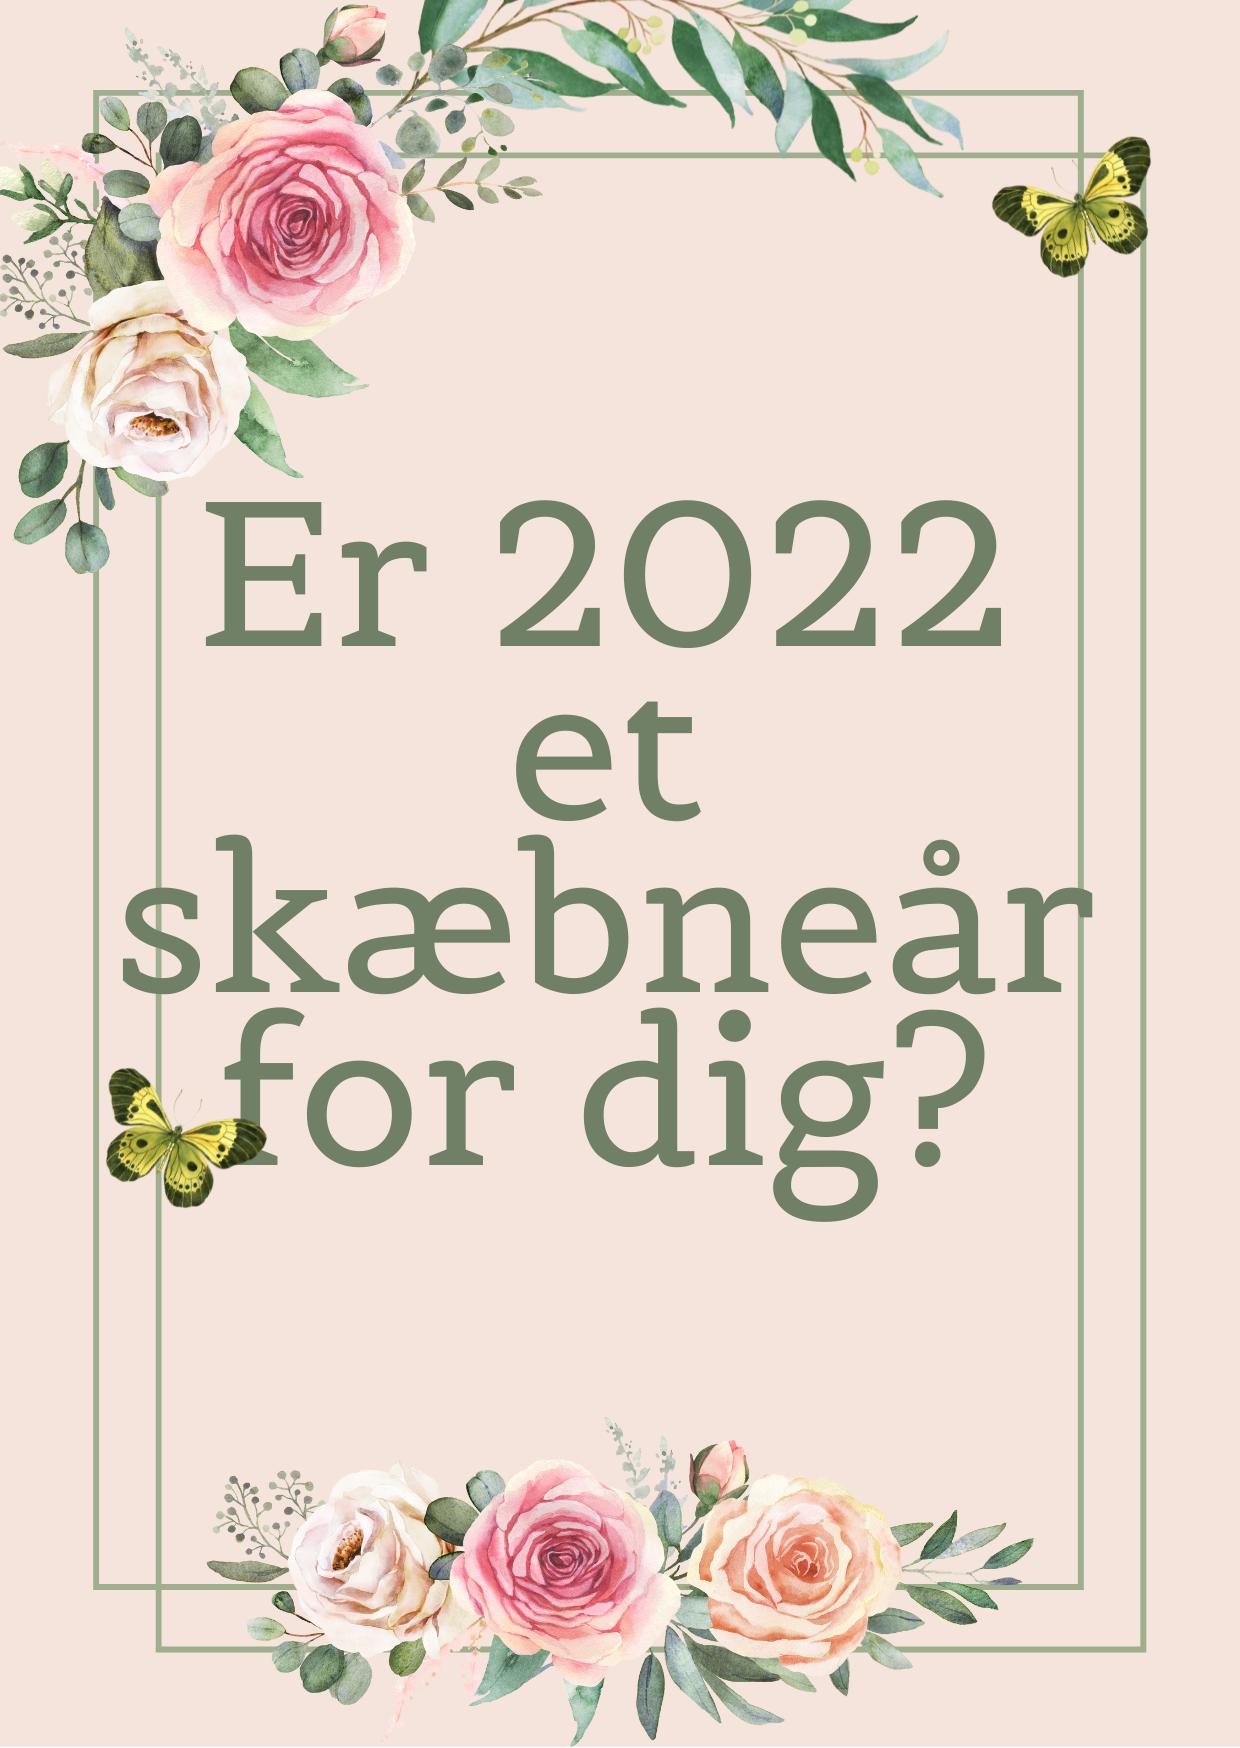 Er 2022 et skæbneår for dig? Find dit fødeår på listen og læs med!